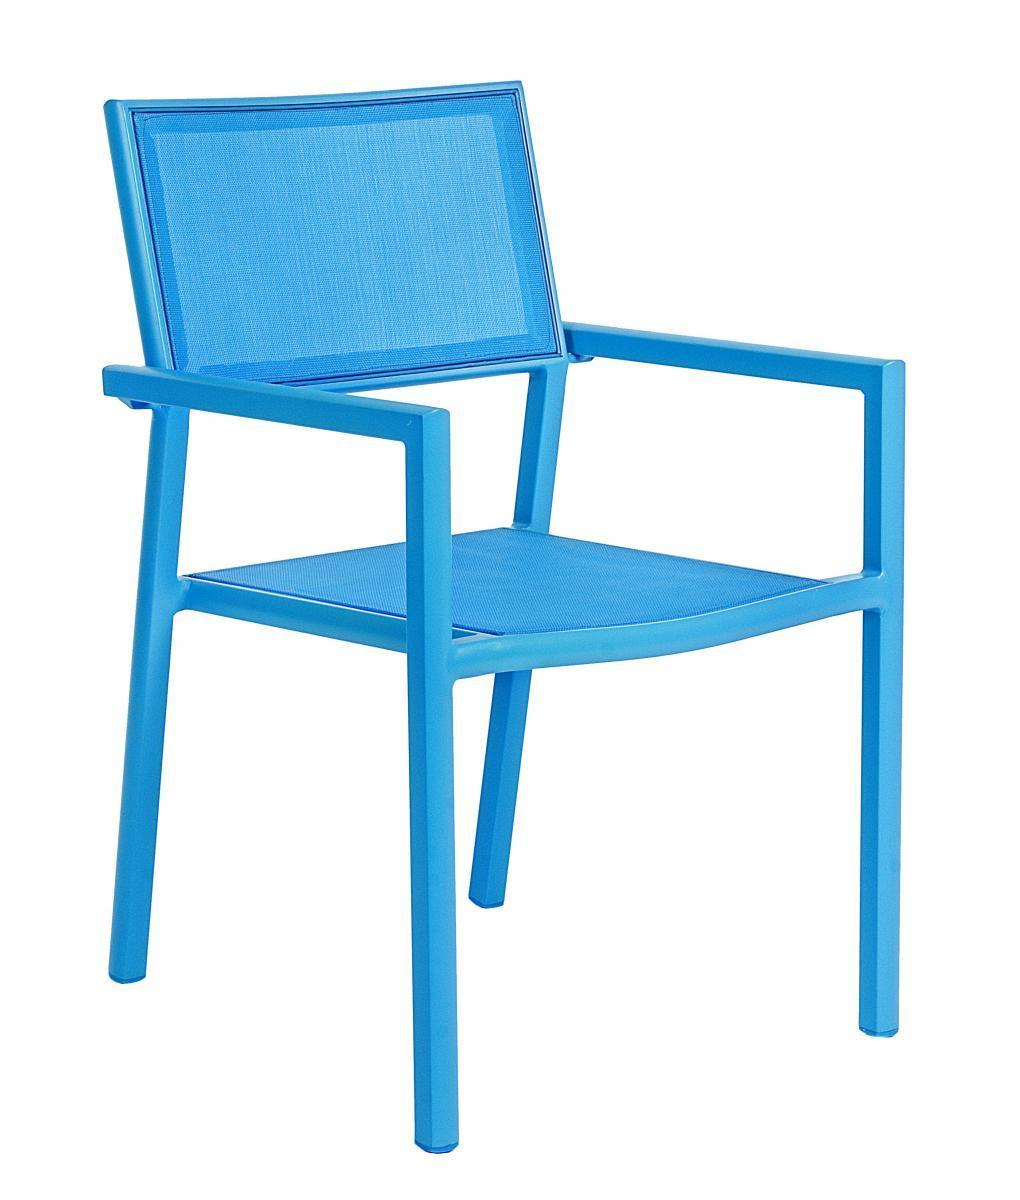 Кресло металлическое текстиленовое Kristin